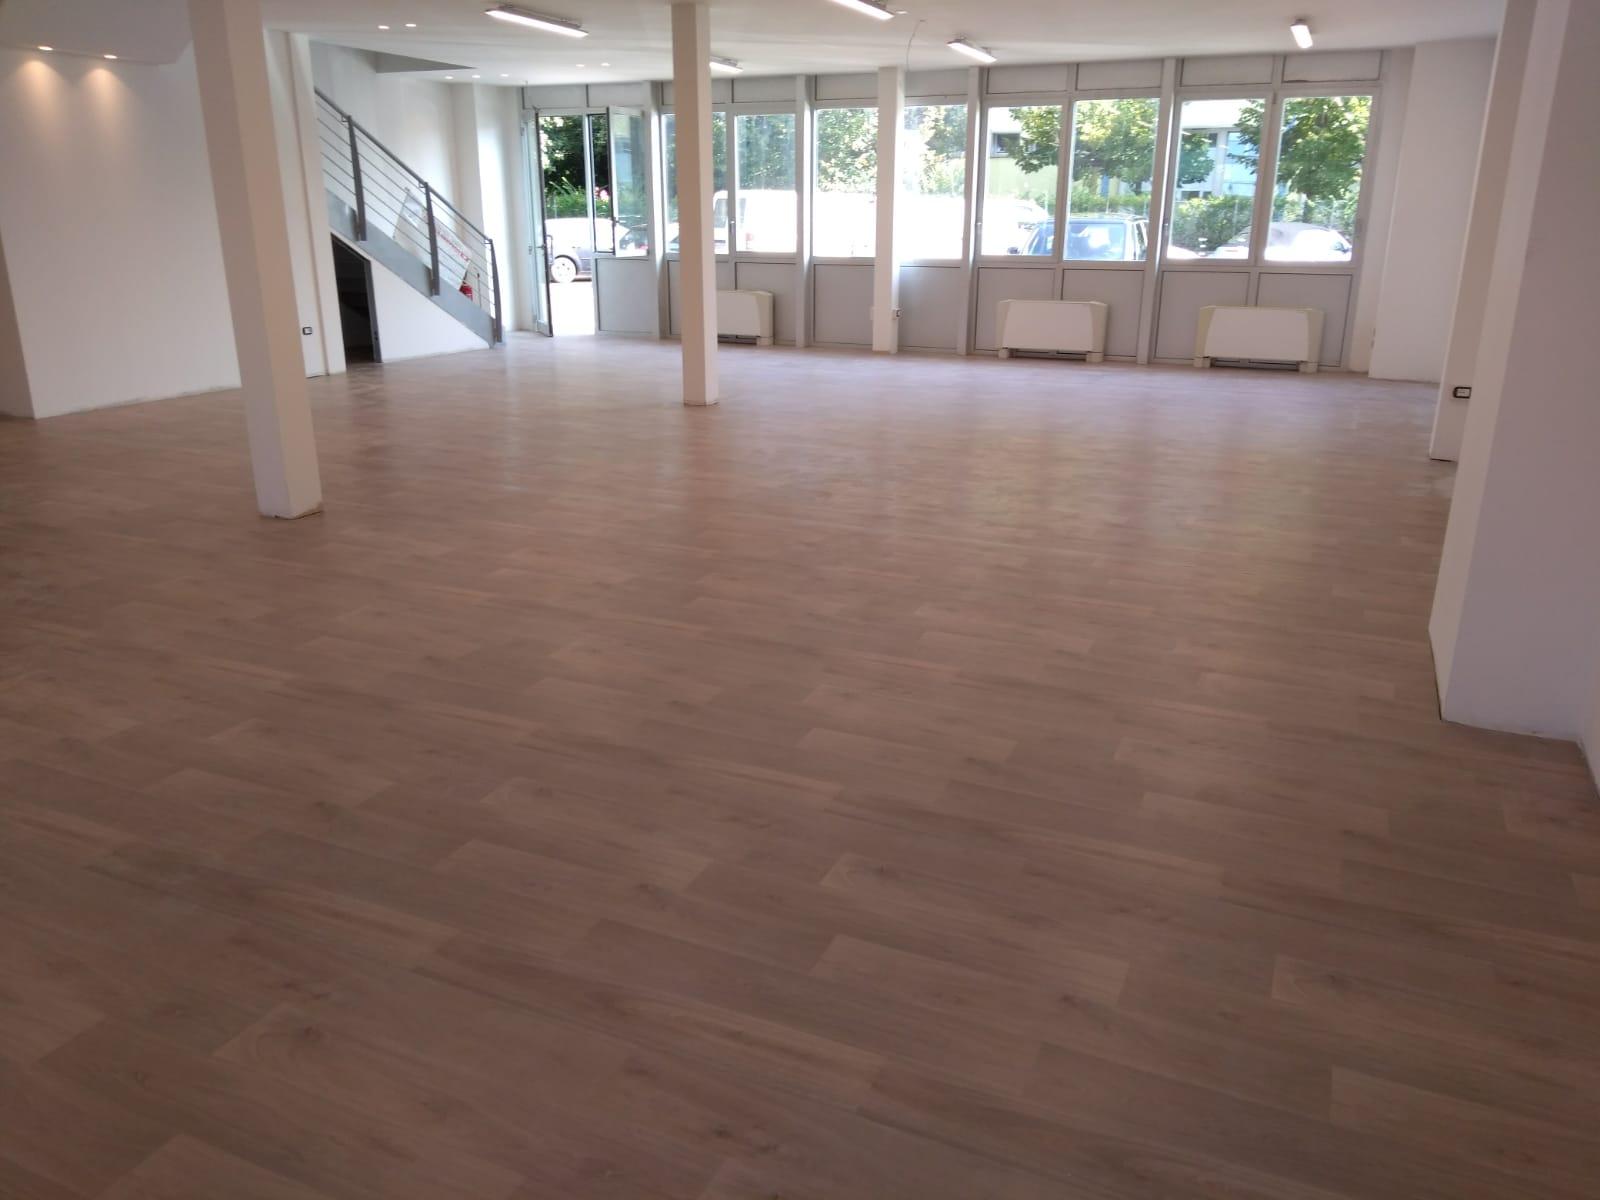 Pavimento In Pvc Effetto Legno pavimentazione per palestra in pvc effetto legno | narciso